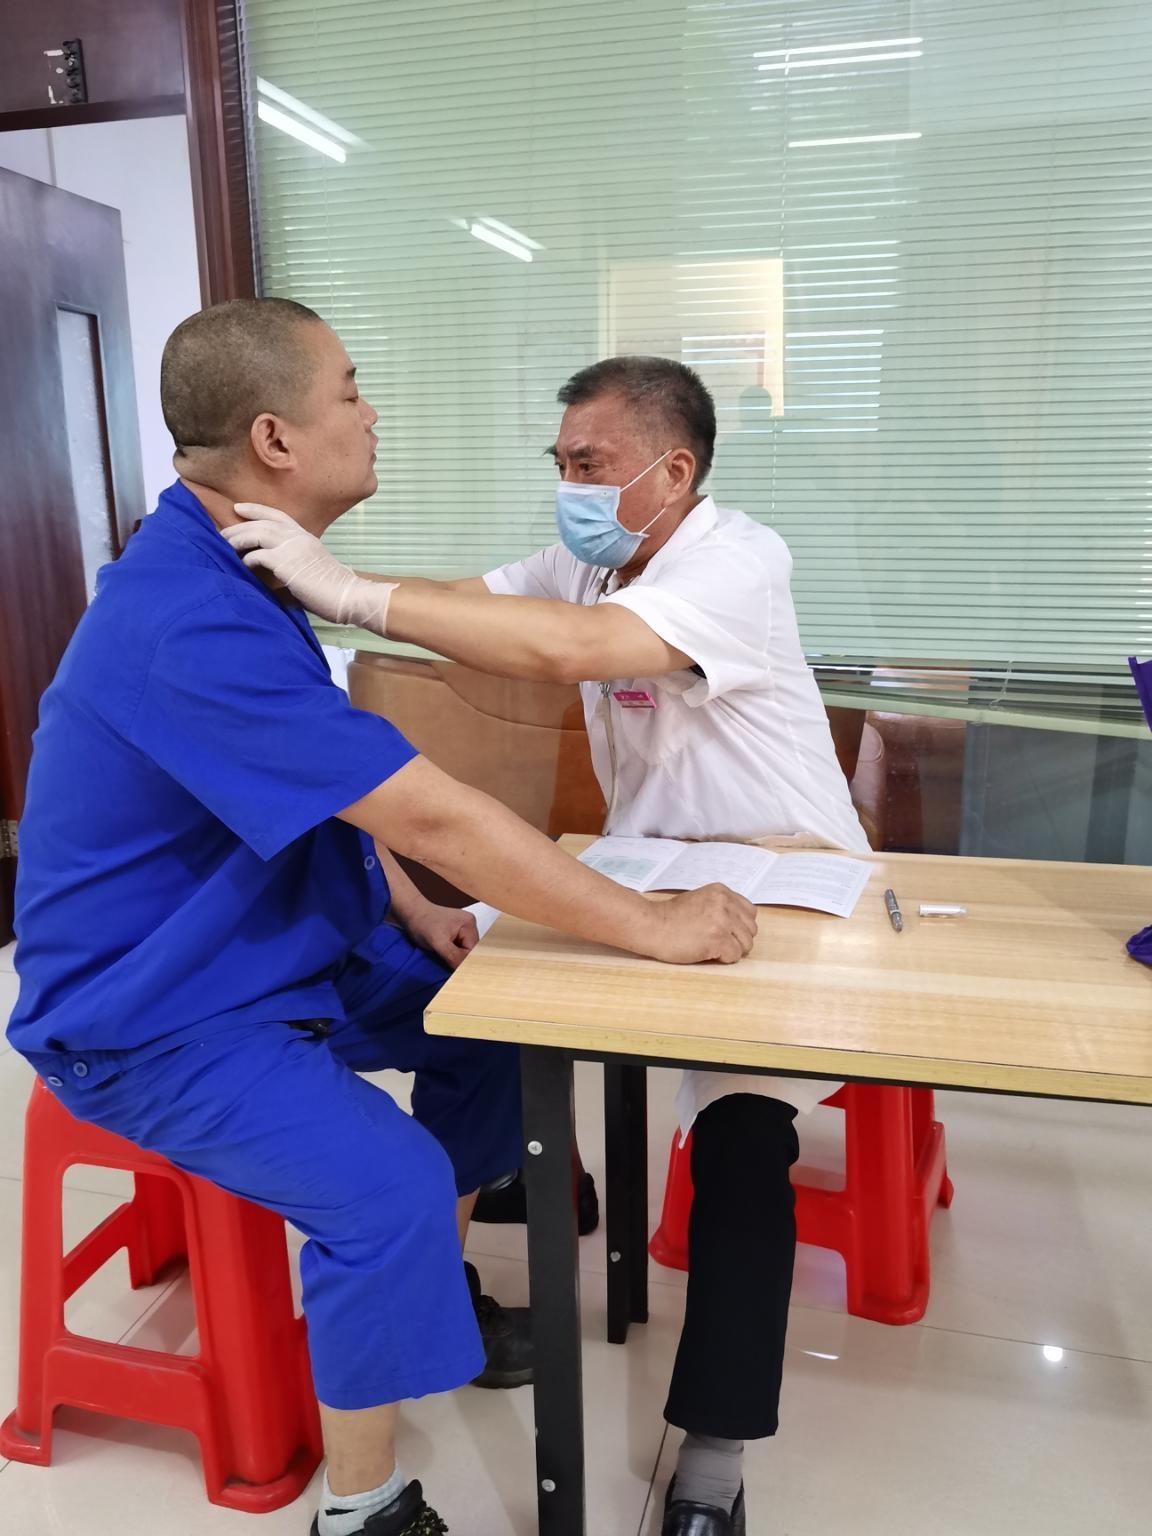 關愛員工·關注健康——7月公司組織員工健康體檢順利進行